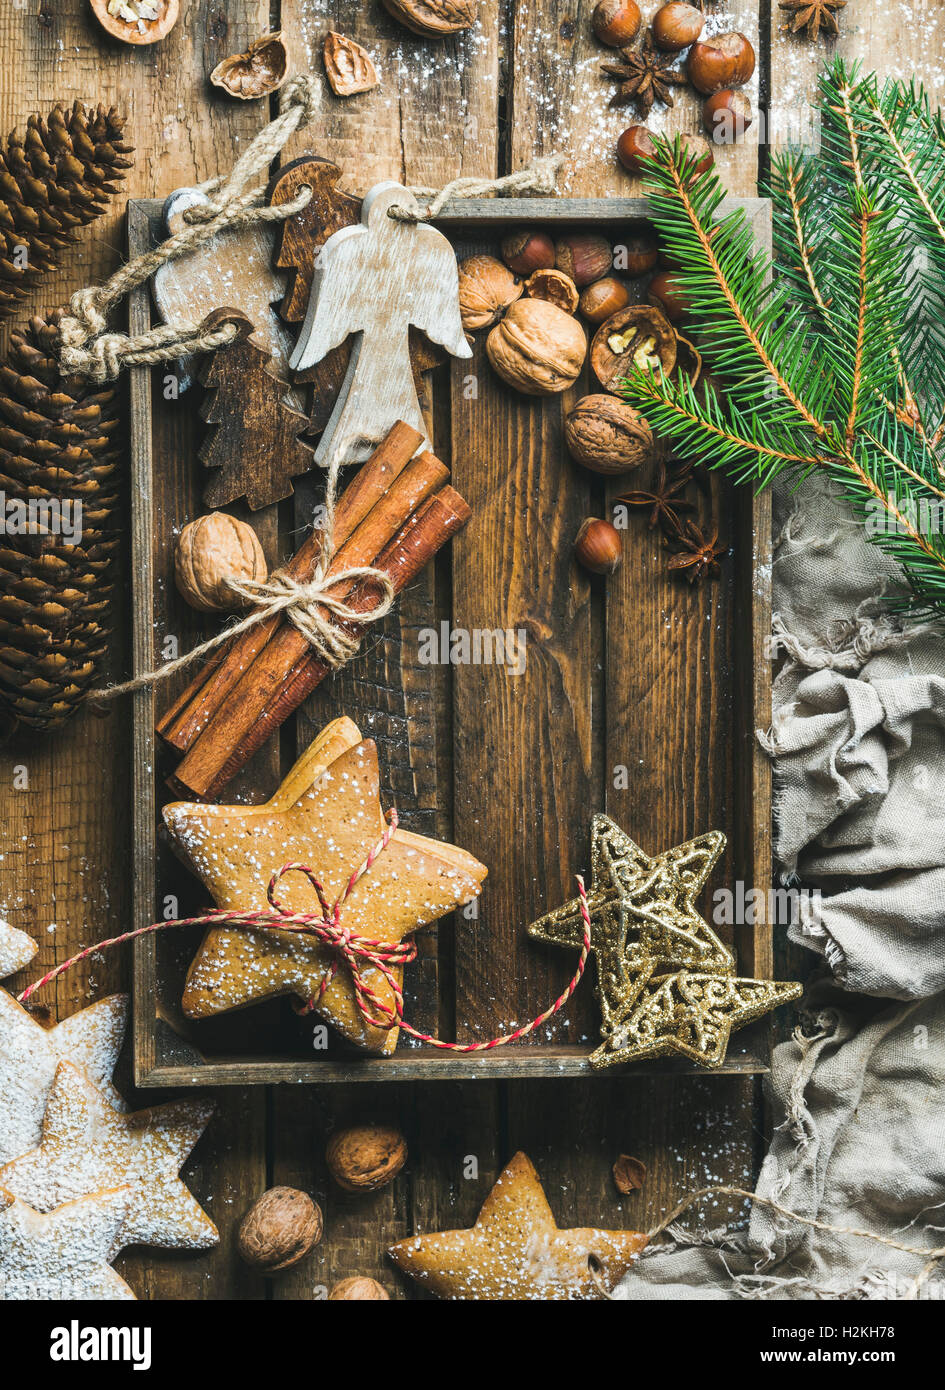 Gingerbread a forma di stella i cookies, angeli in legno, decorativi stelle, dadi e spezie nel vassoio in legno Immagini Stock